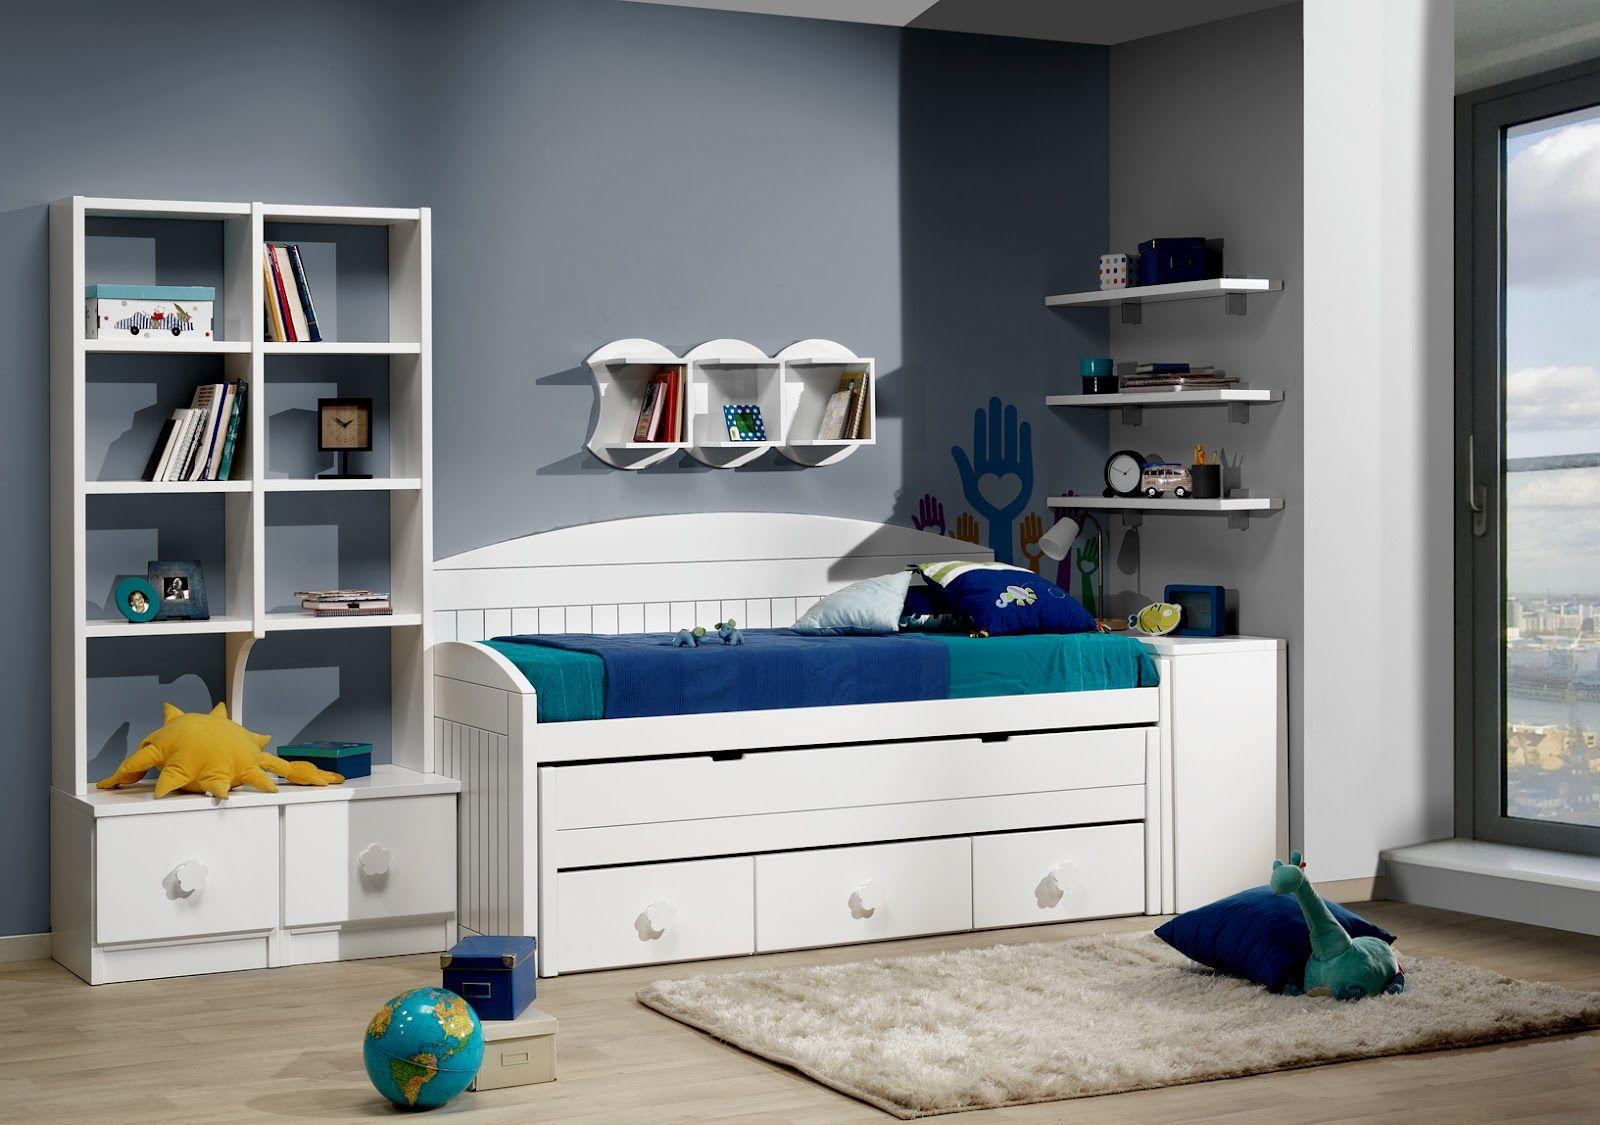 Dormitorios habitaciones juveniles e infantiles lacadas dormitorios juveniles habitaciones - Habitaciones juveniles blancas ...